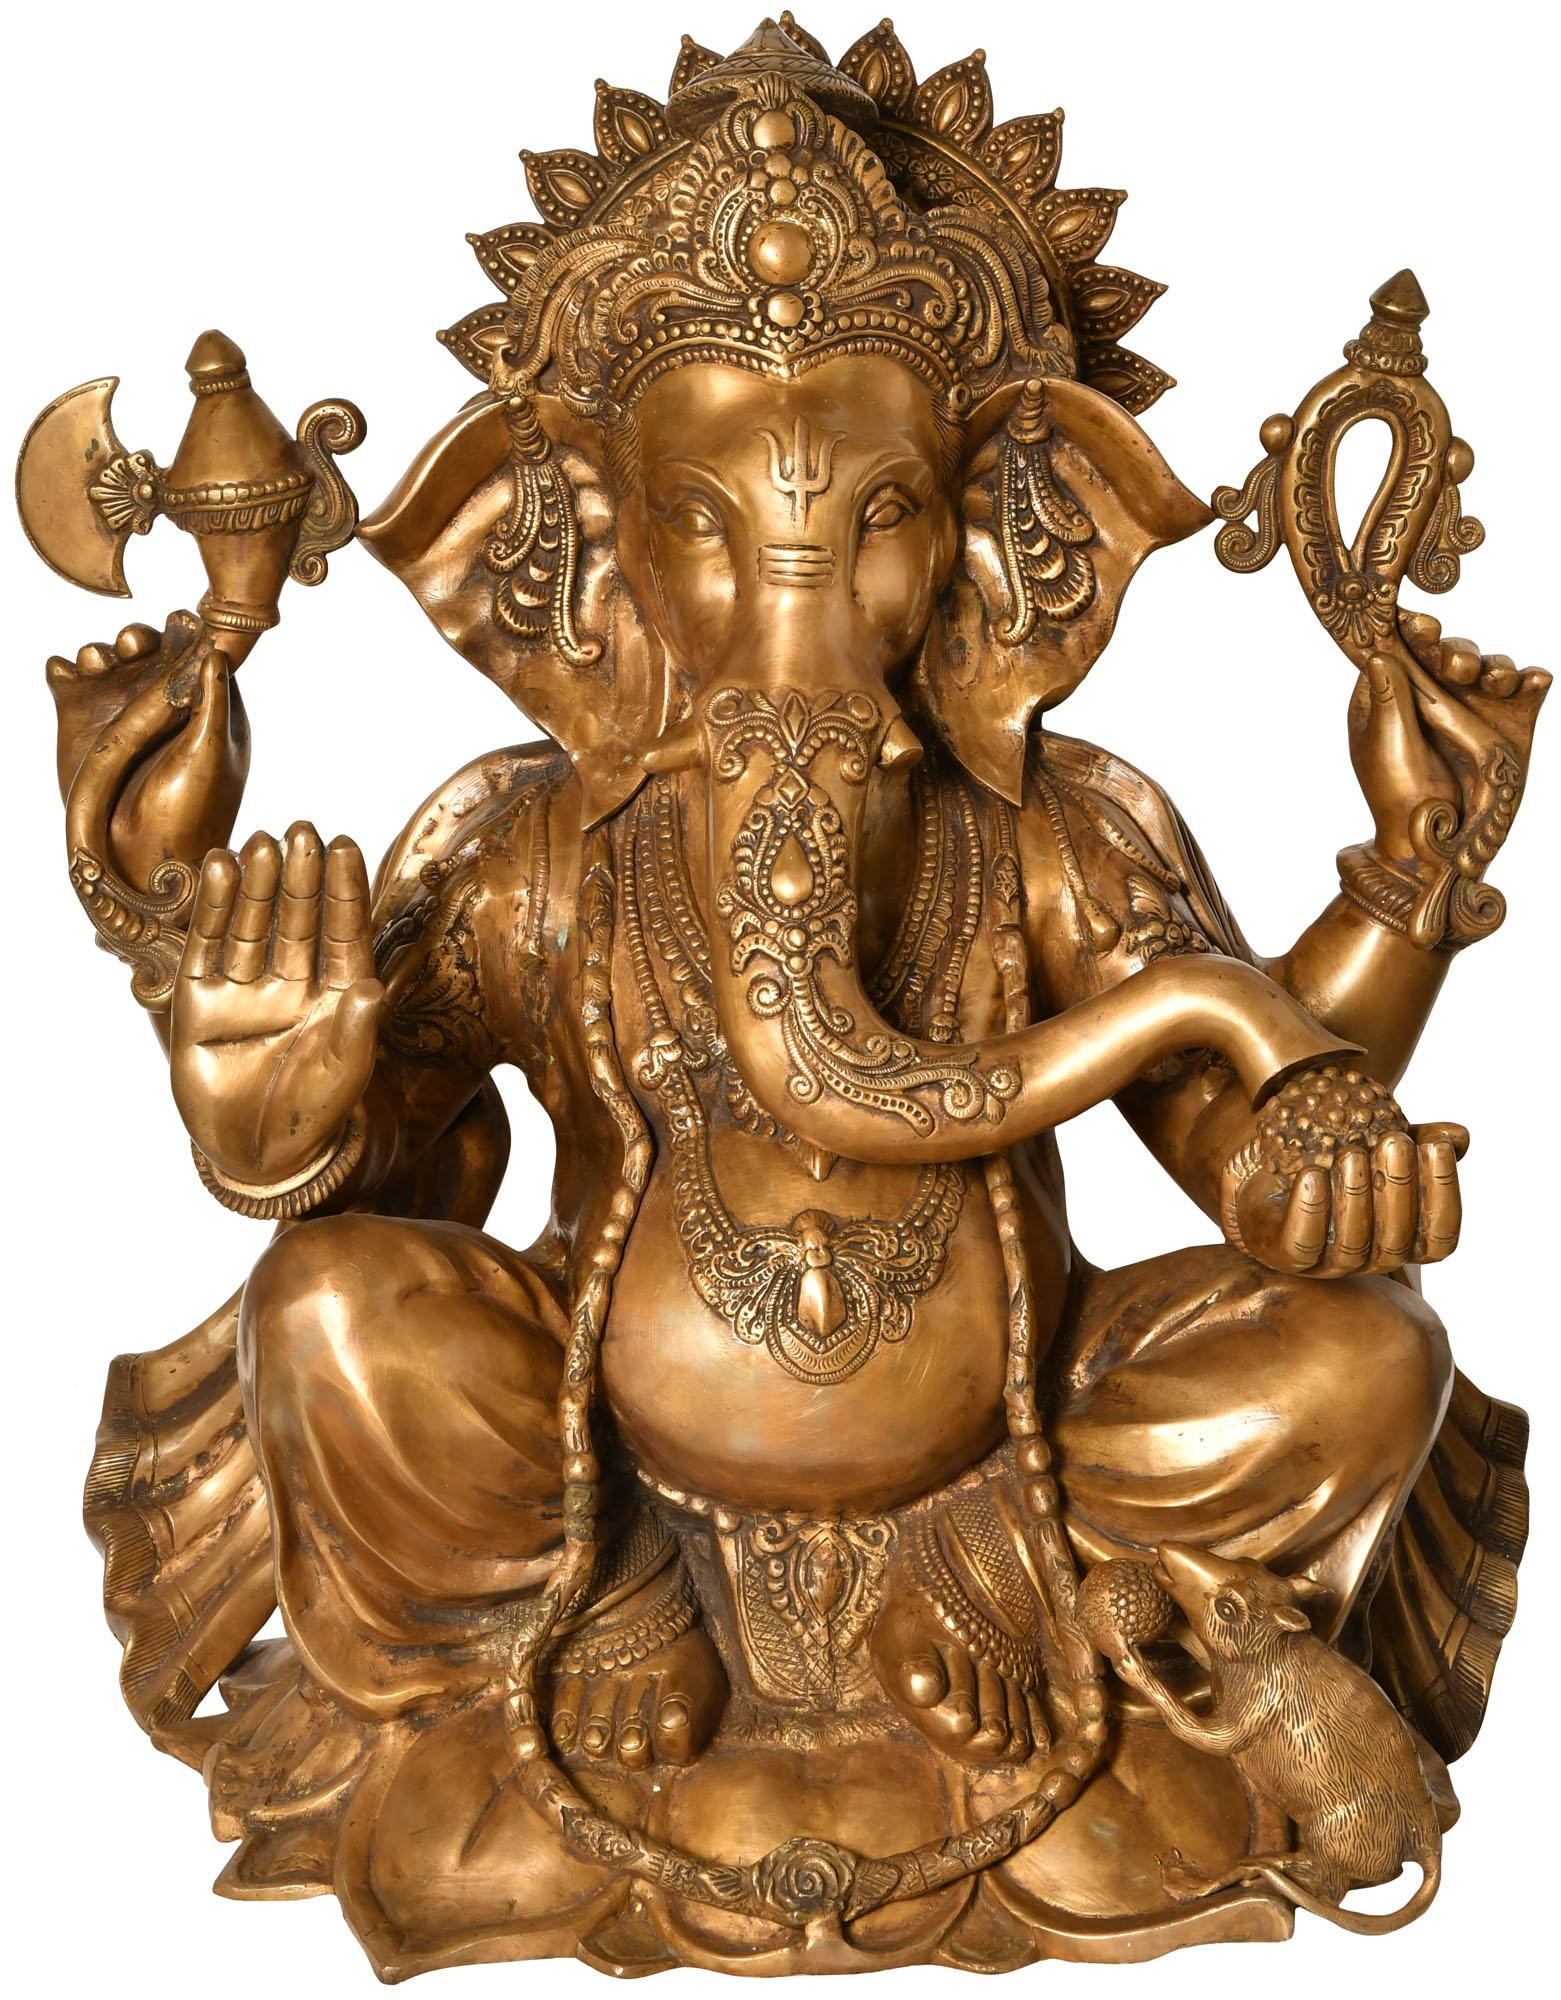 океанец видит фотографии статуэток индийских богов зависимости